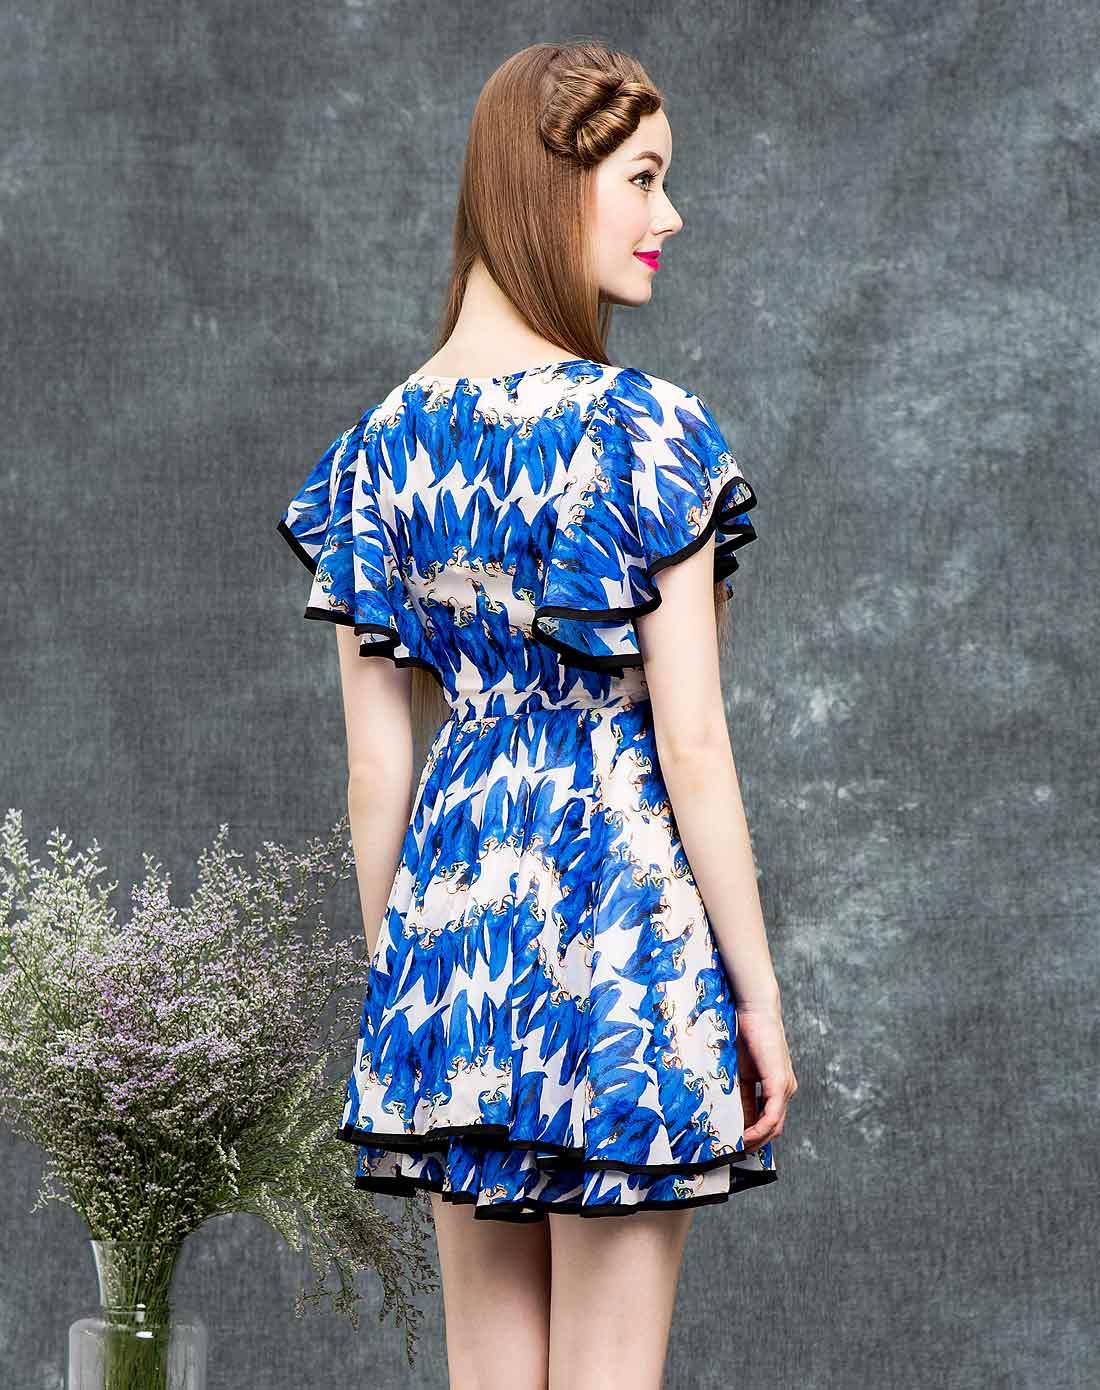 蝴蝶袖印花蓝色简约连衣裙